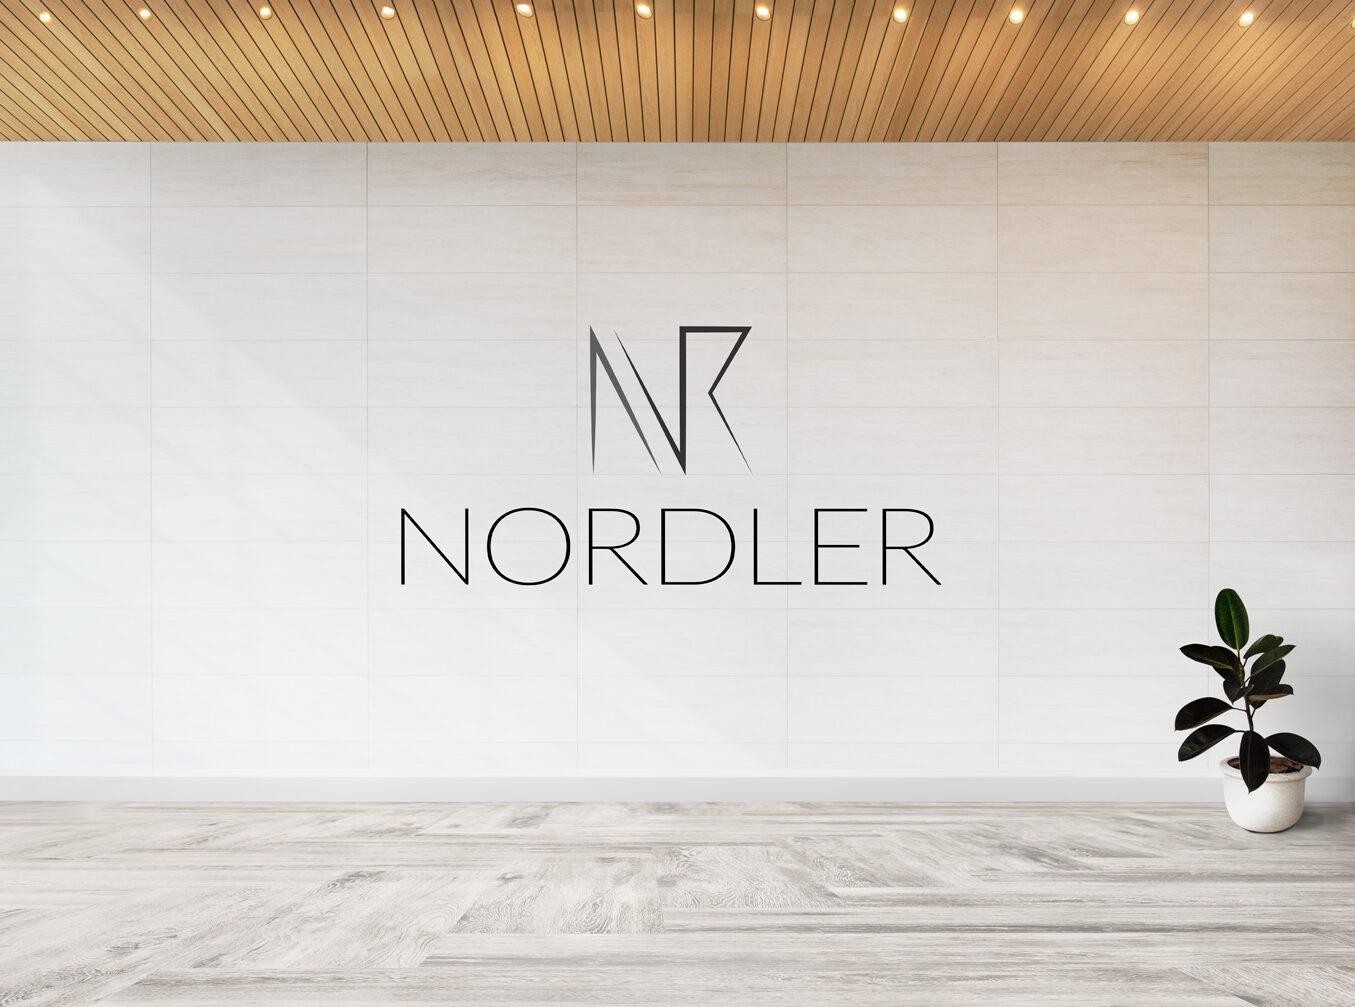 Nordler logo